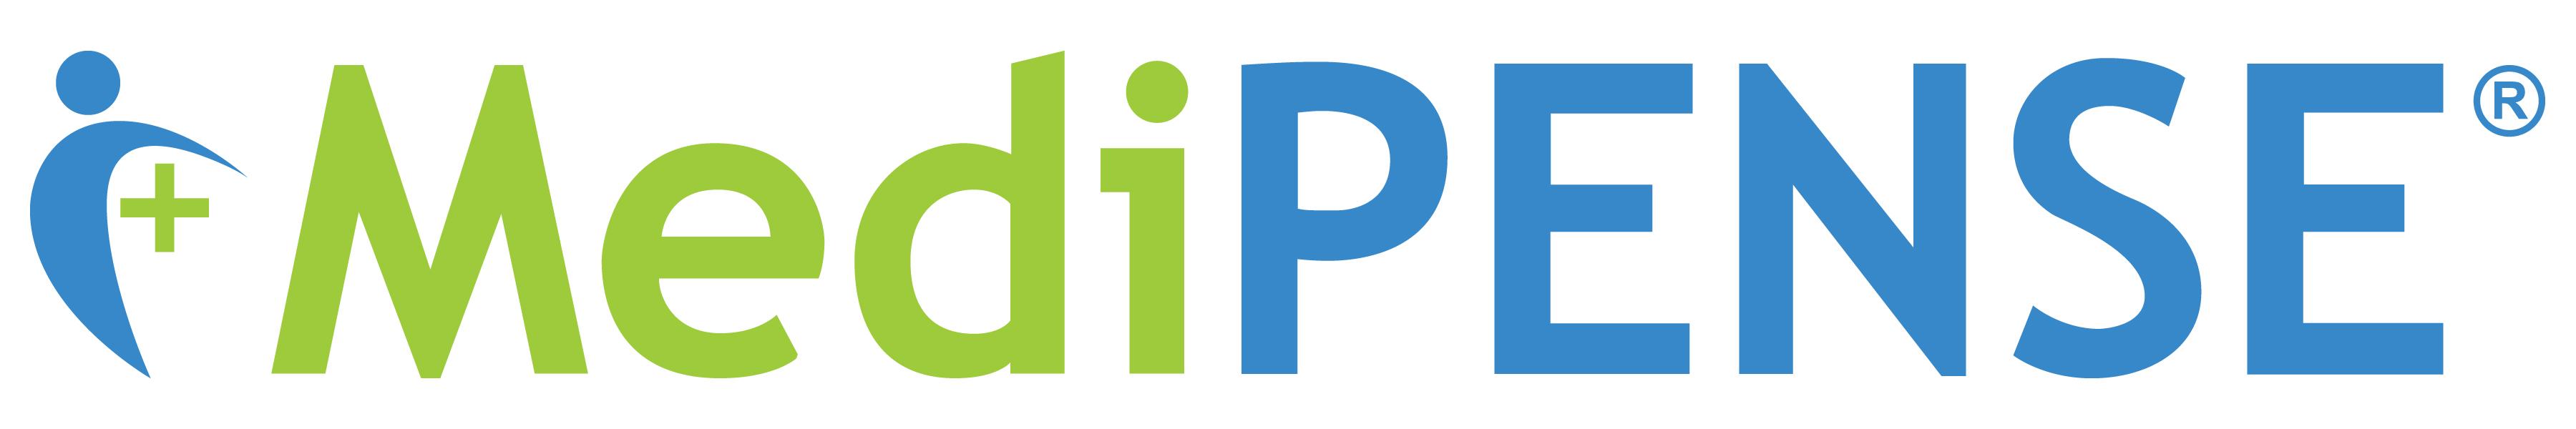 Medipense logo print [JPG]